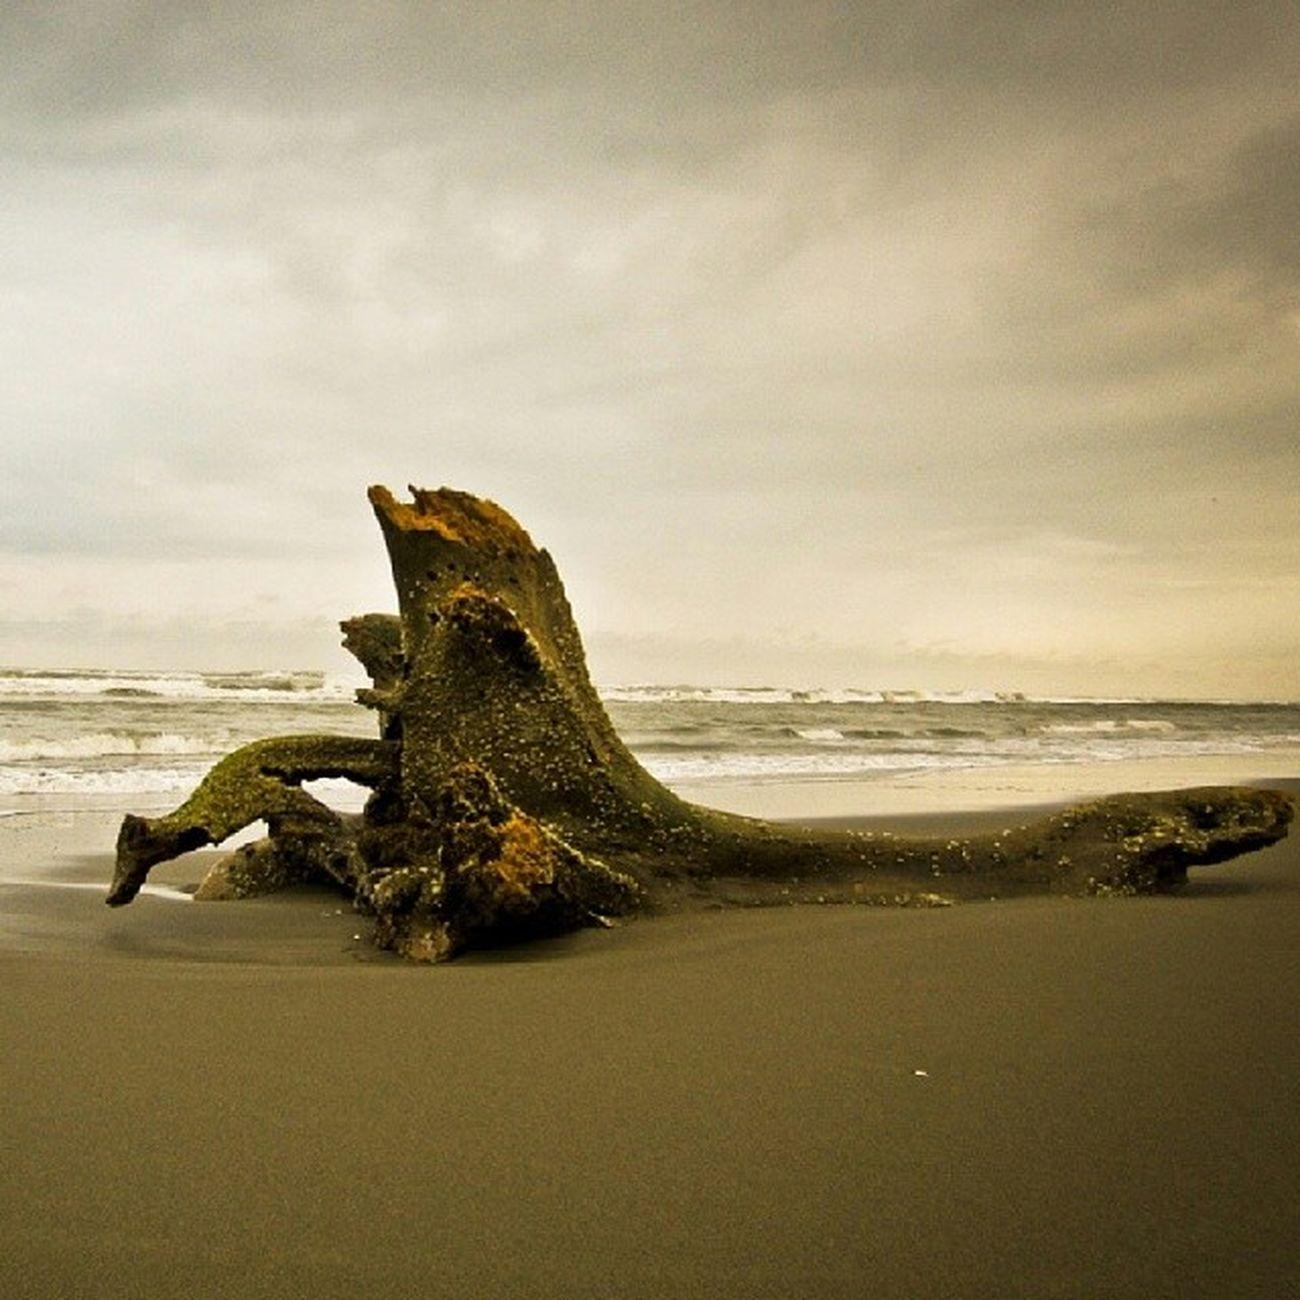 El perro Mexico Veracruz Casitas Playa mar costa esmeralda sea sky nature landscape igersmexico vive_mexico photojournalism mxdelosmx flickr